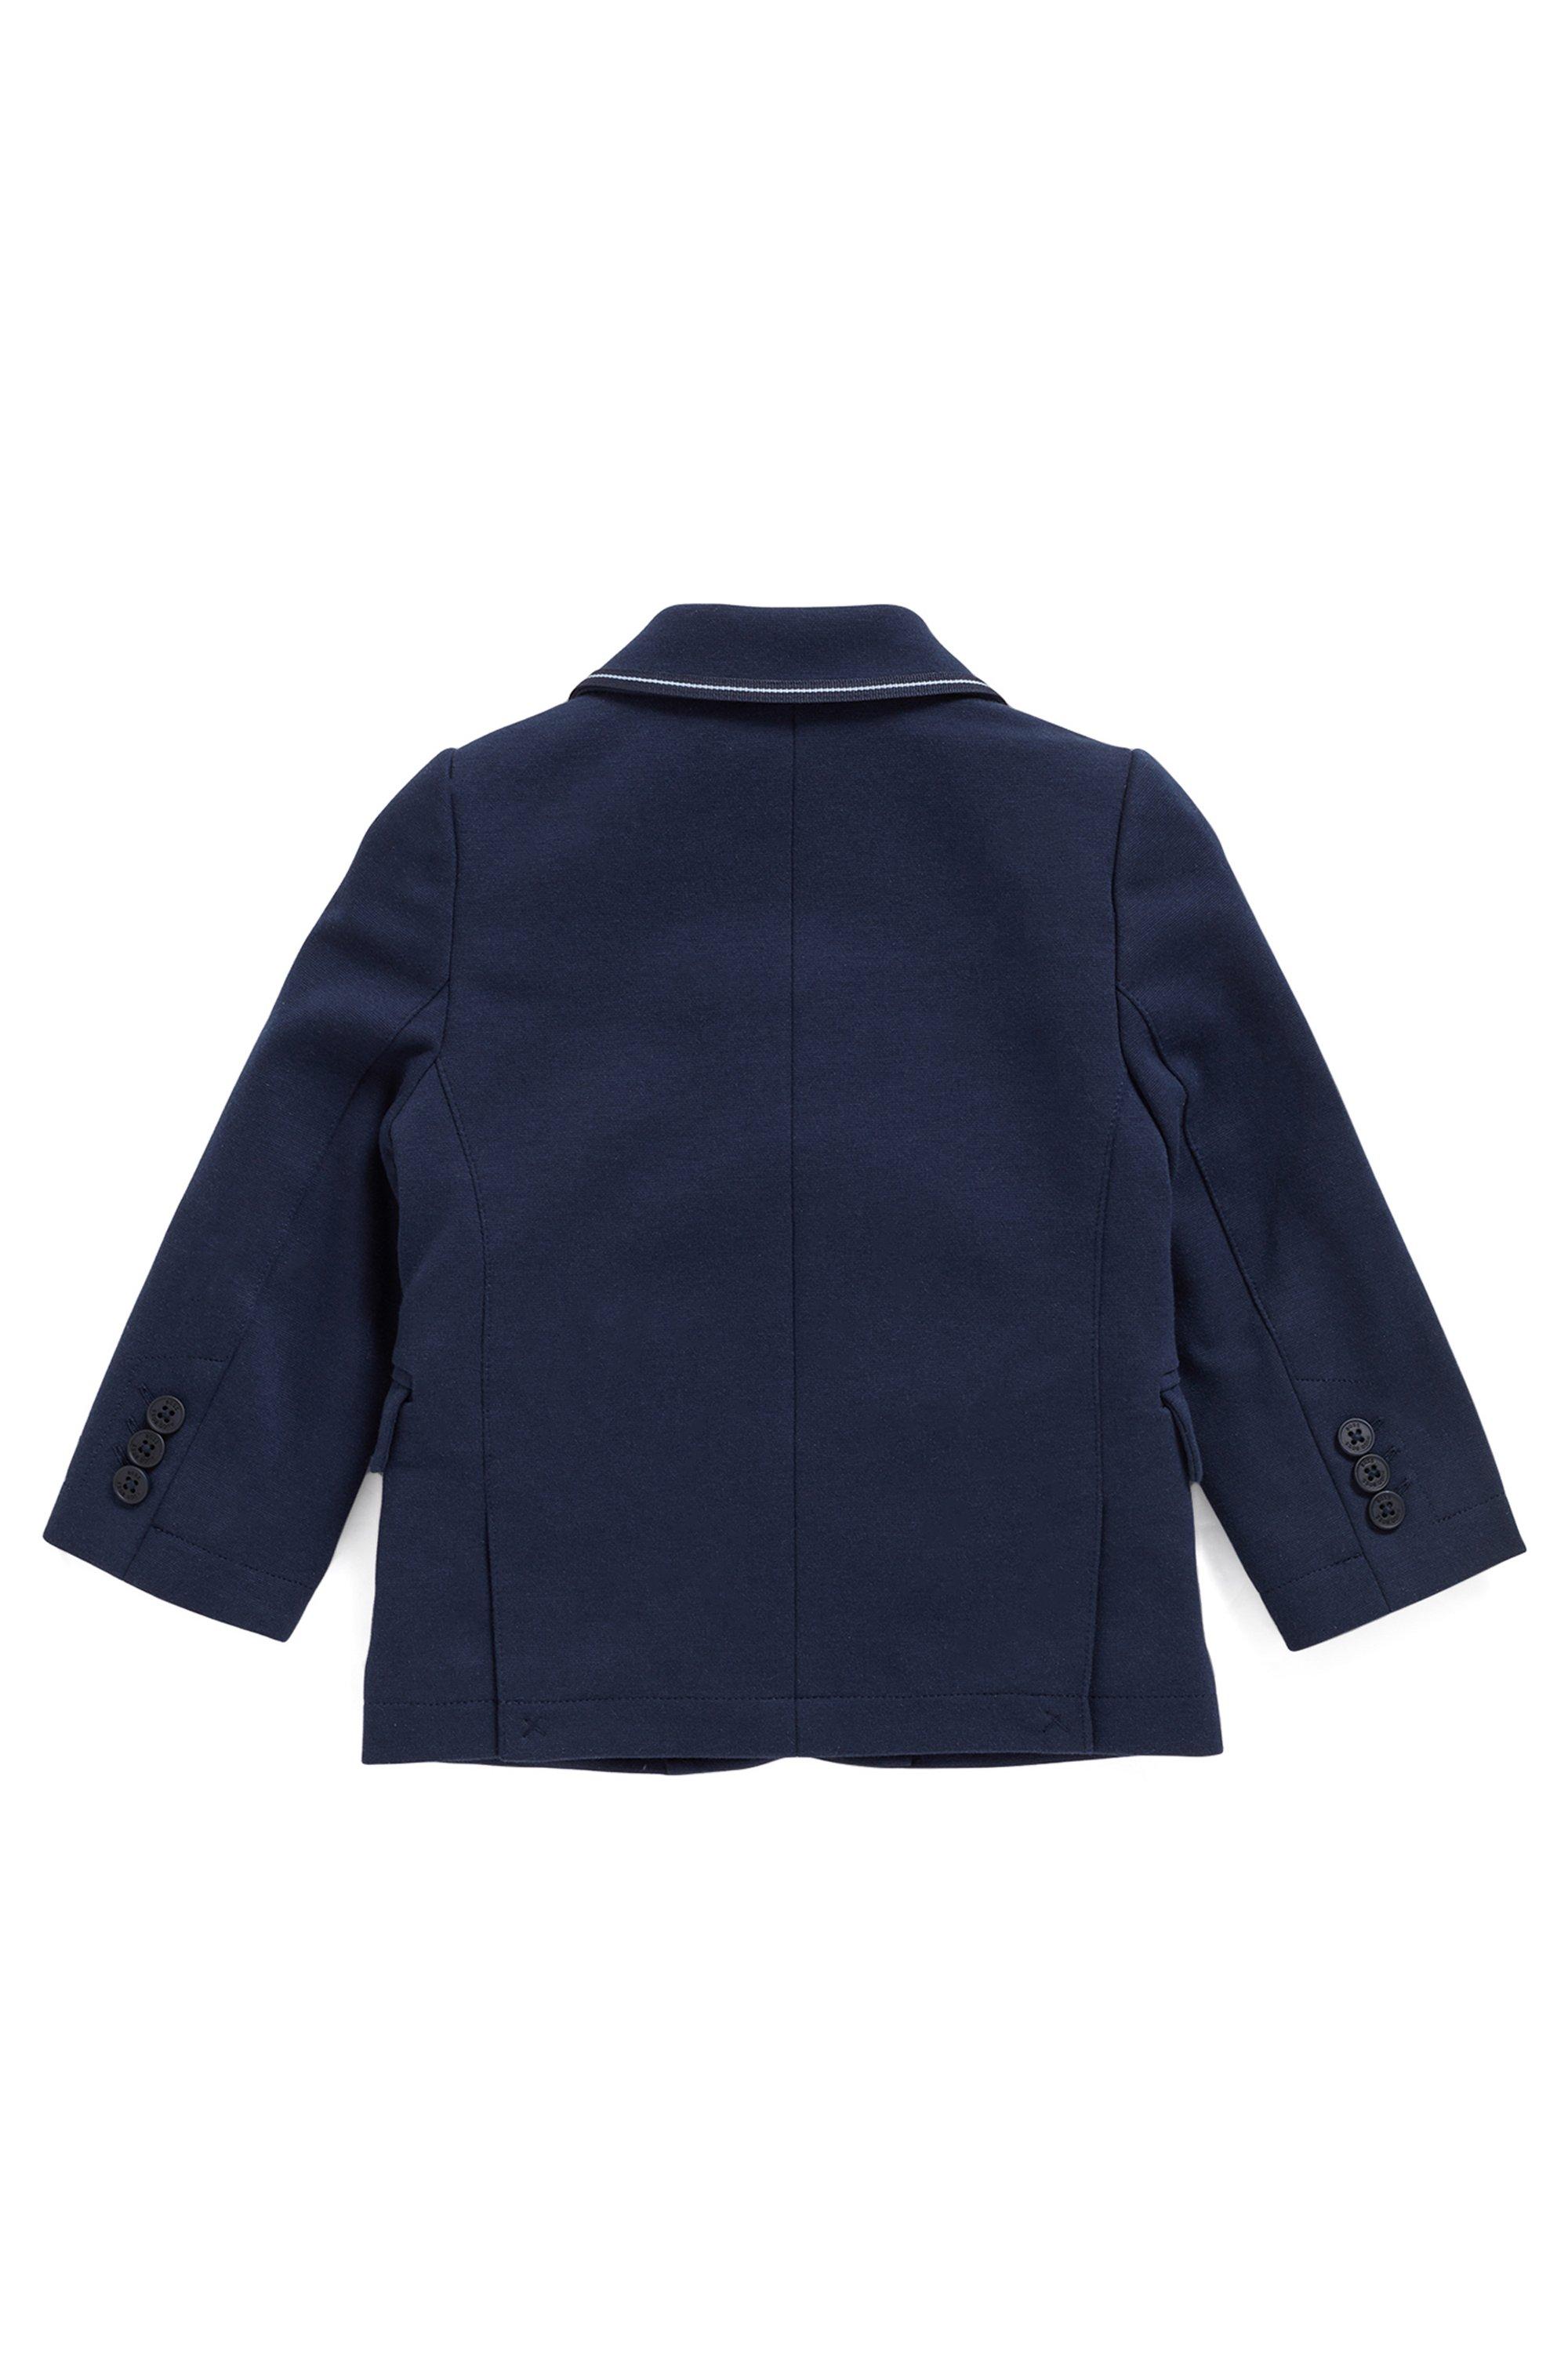 Kindercolbert van Milano-jersey met bijpassende pochet